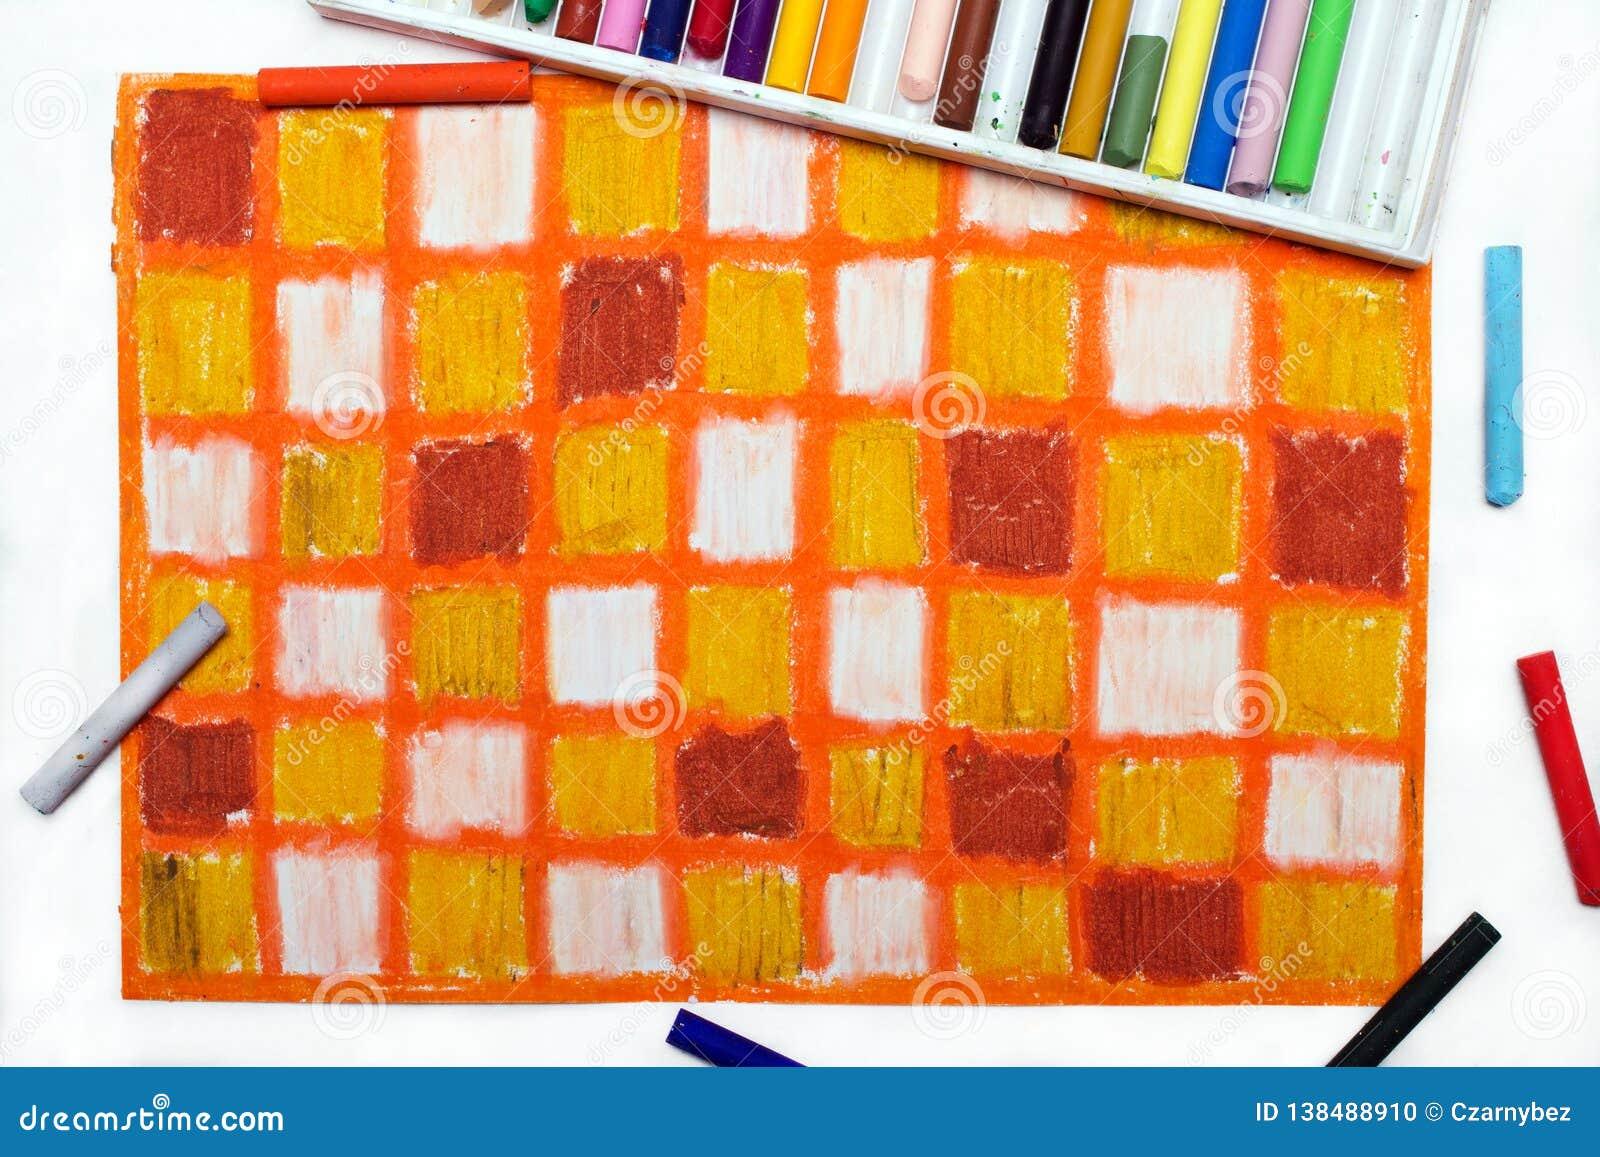 Dessin à Carreaux Coloré Photo Stock Image Du Balai 138488910